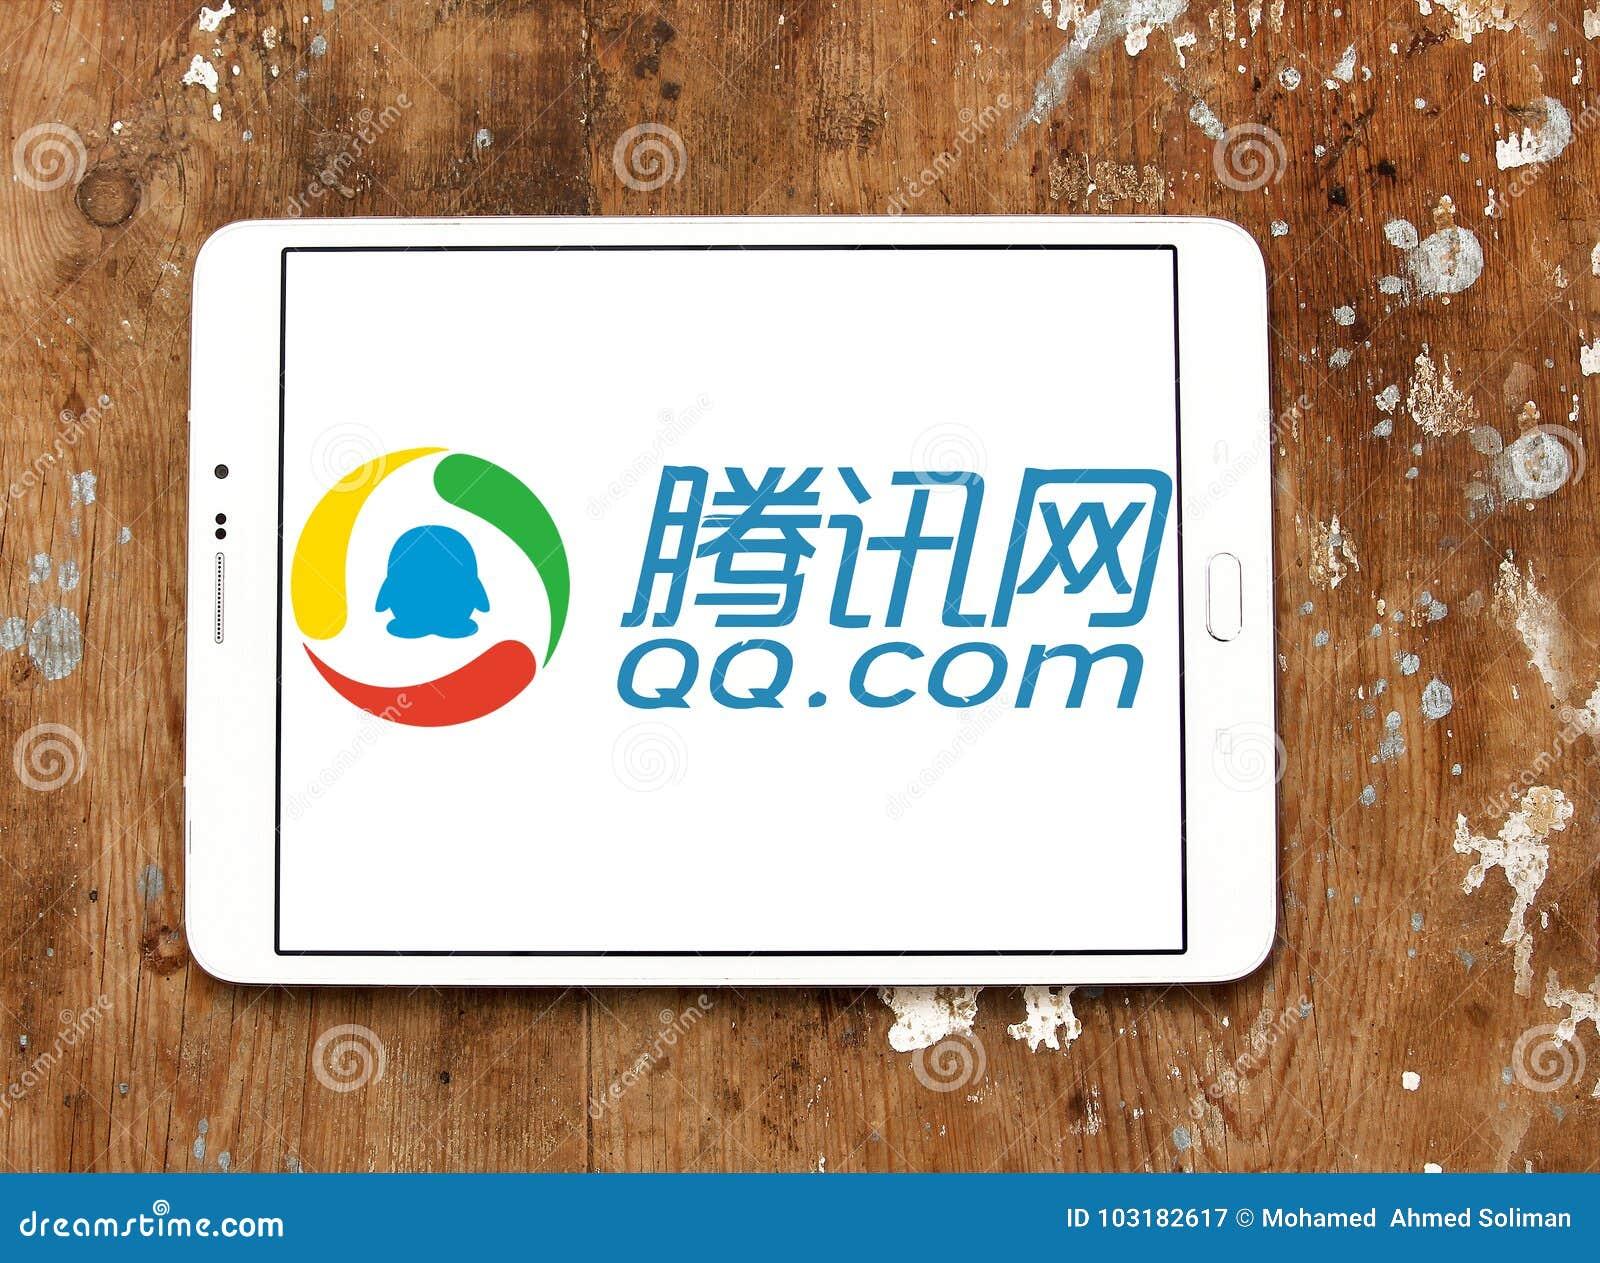 Qq COM-Logo